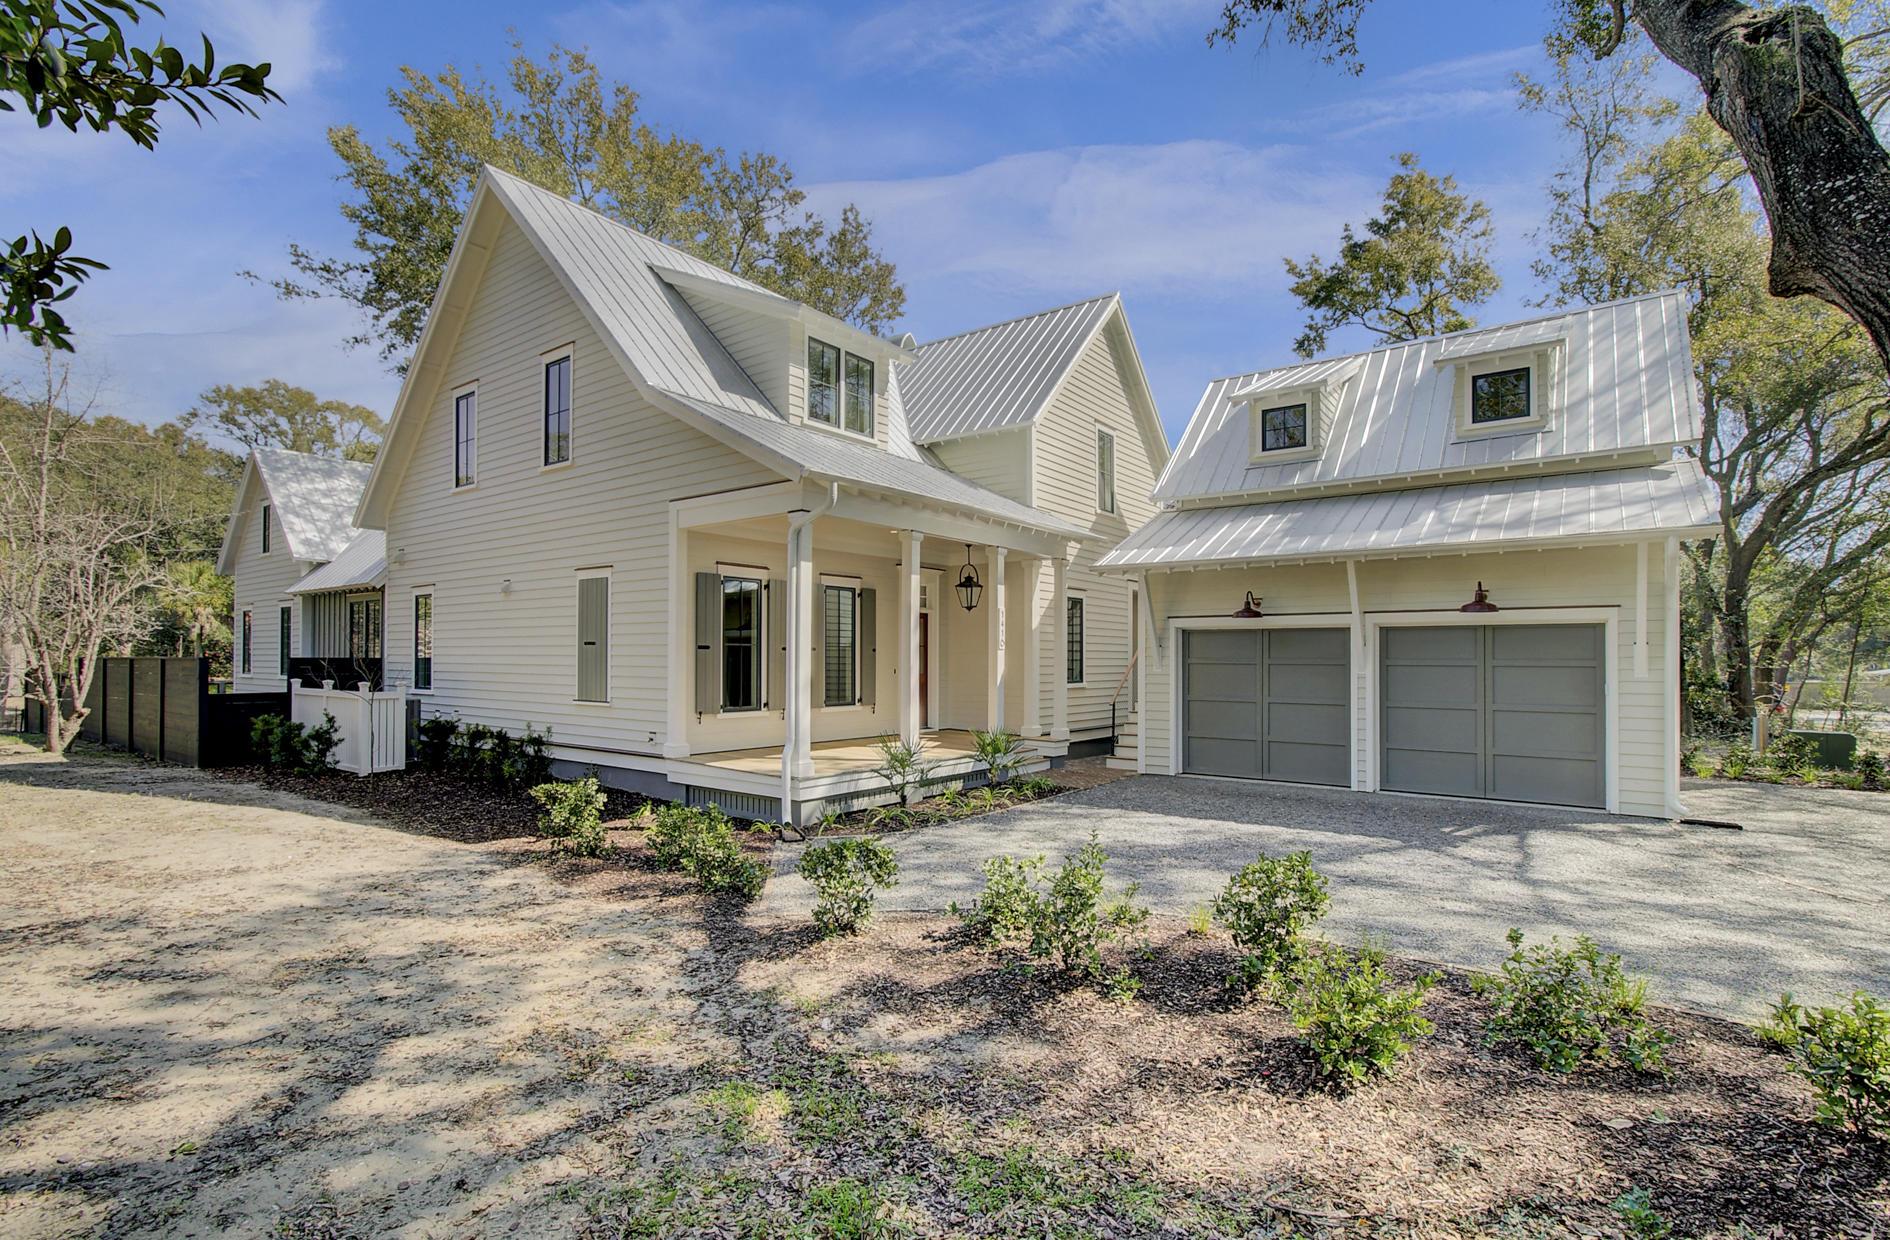 Old Mt Pleasant Homes For Sale - 1416 Jackson, Mount Pleasant, SC - 62